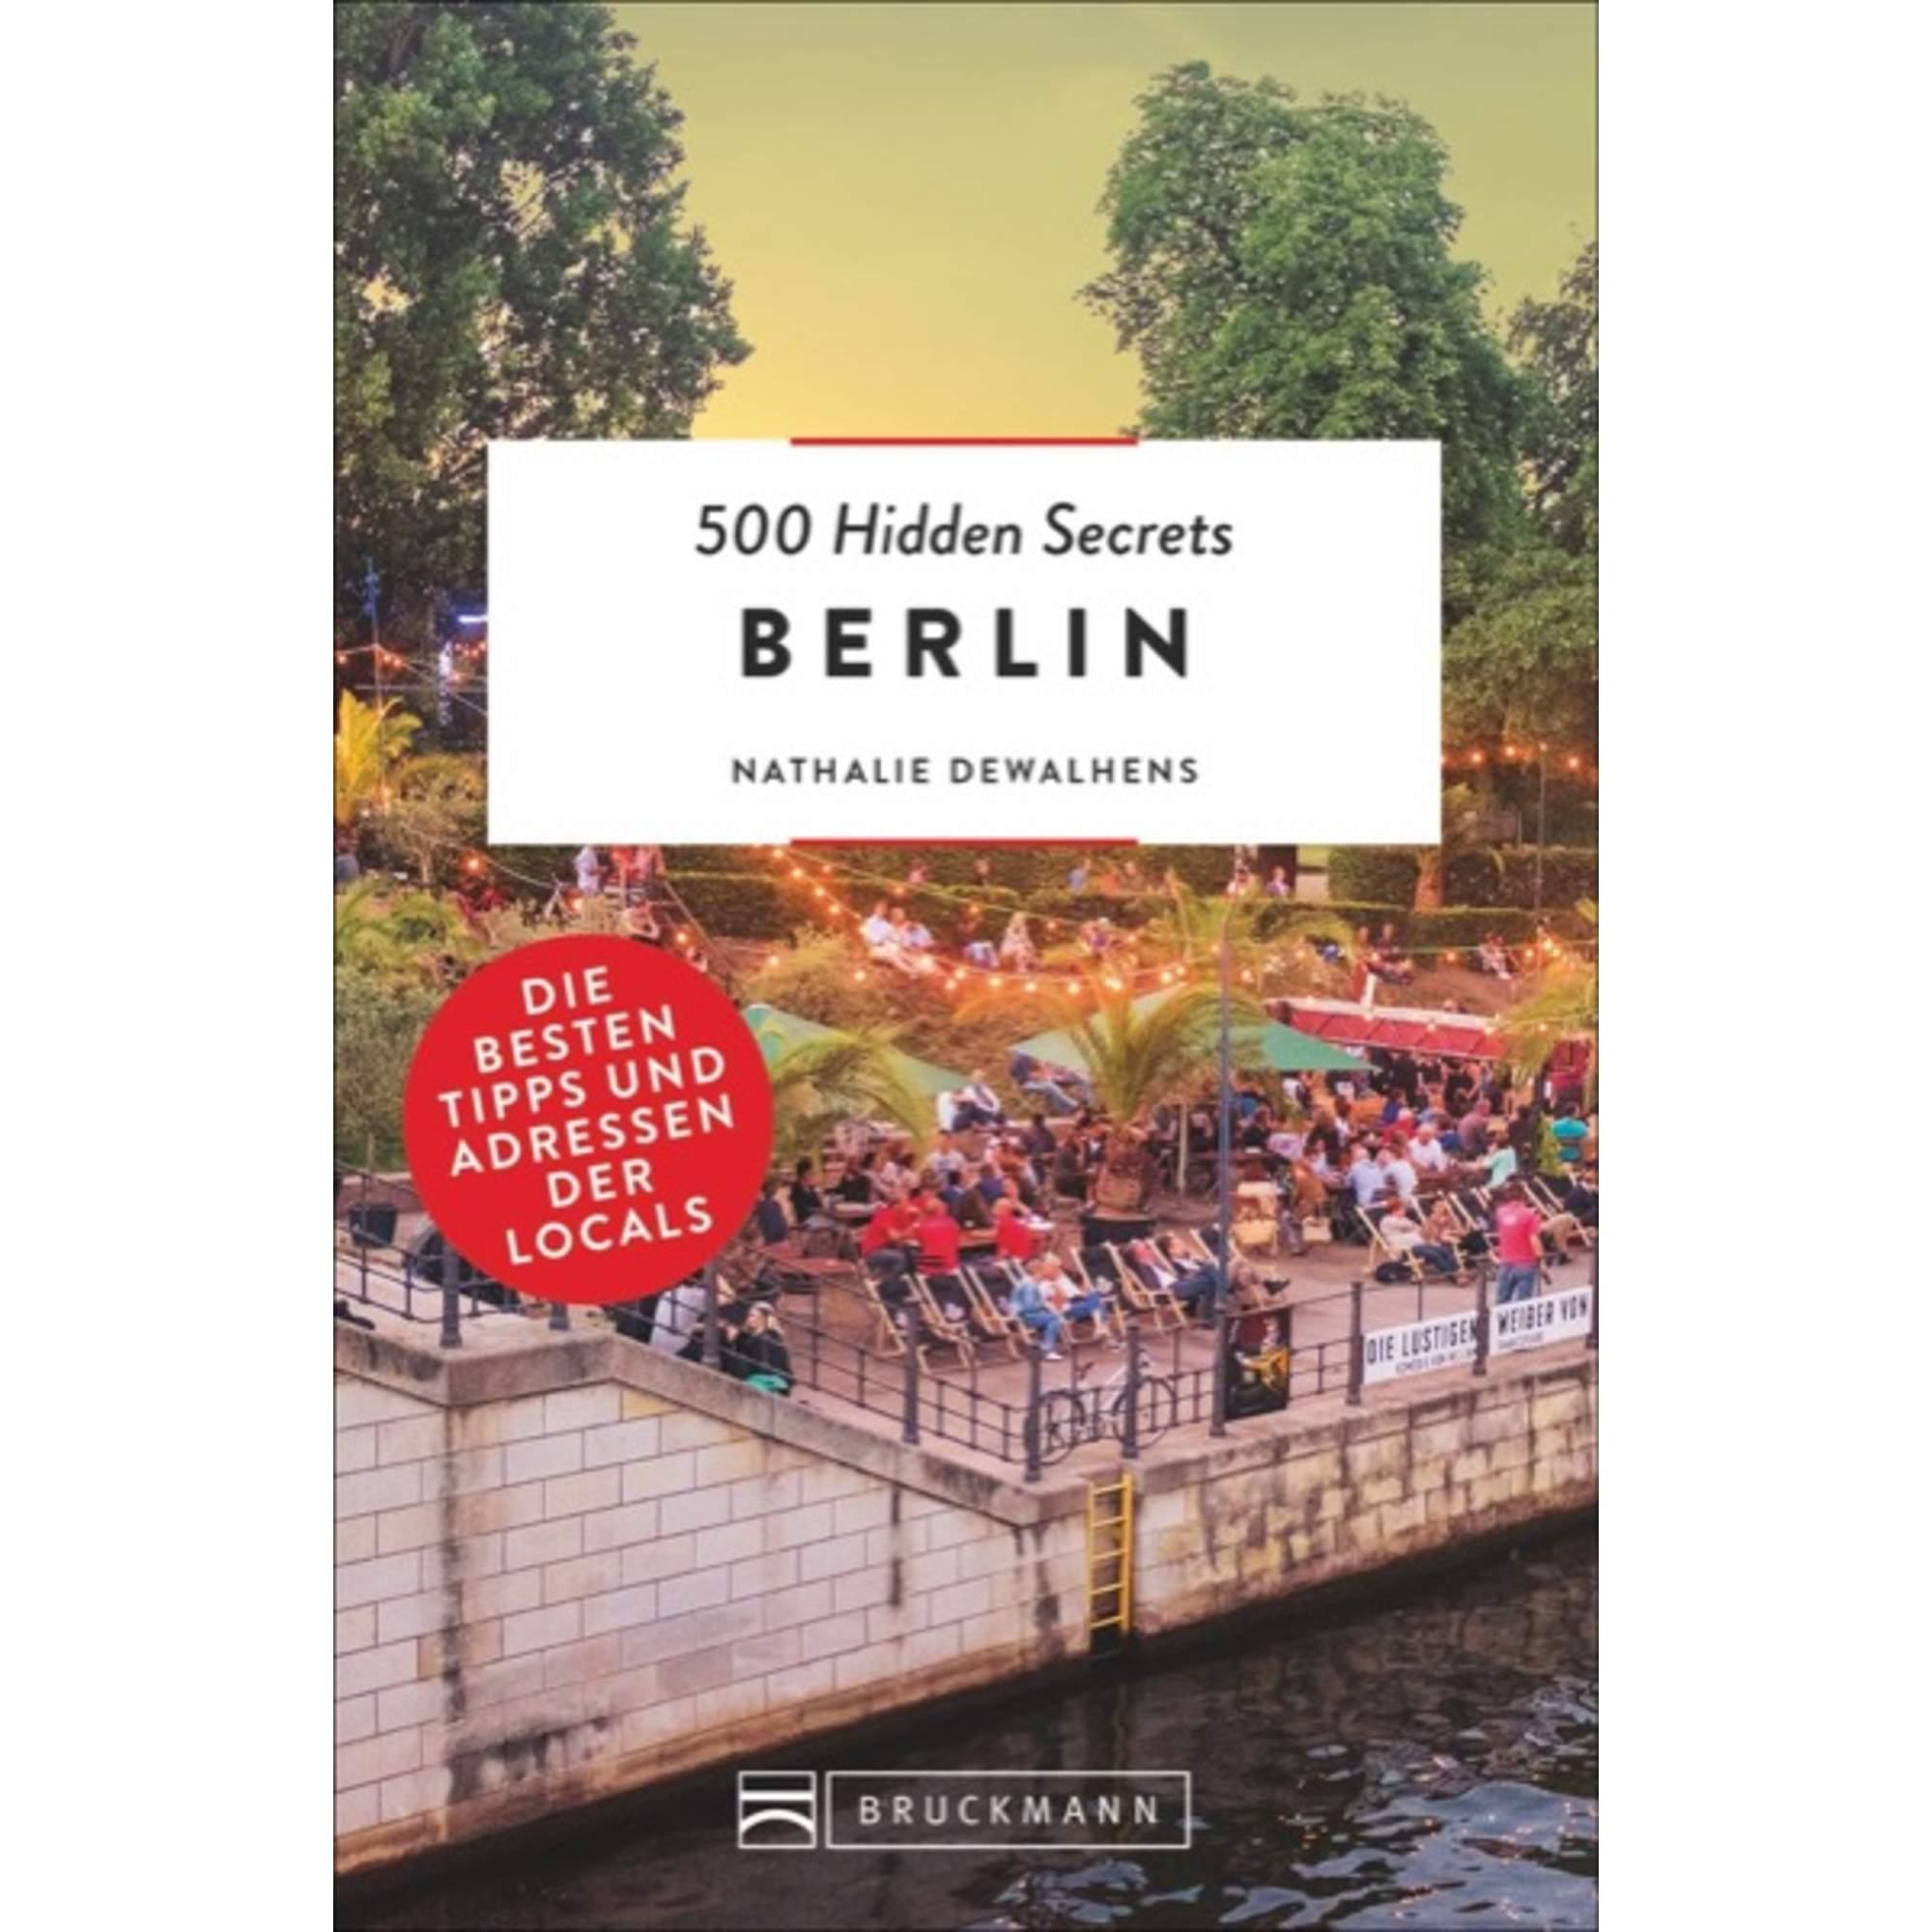 500 HIDDEN SECRETS BERLIN, 16,99 Euro